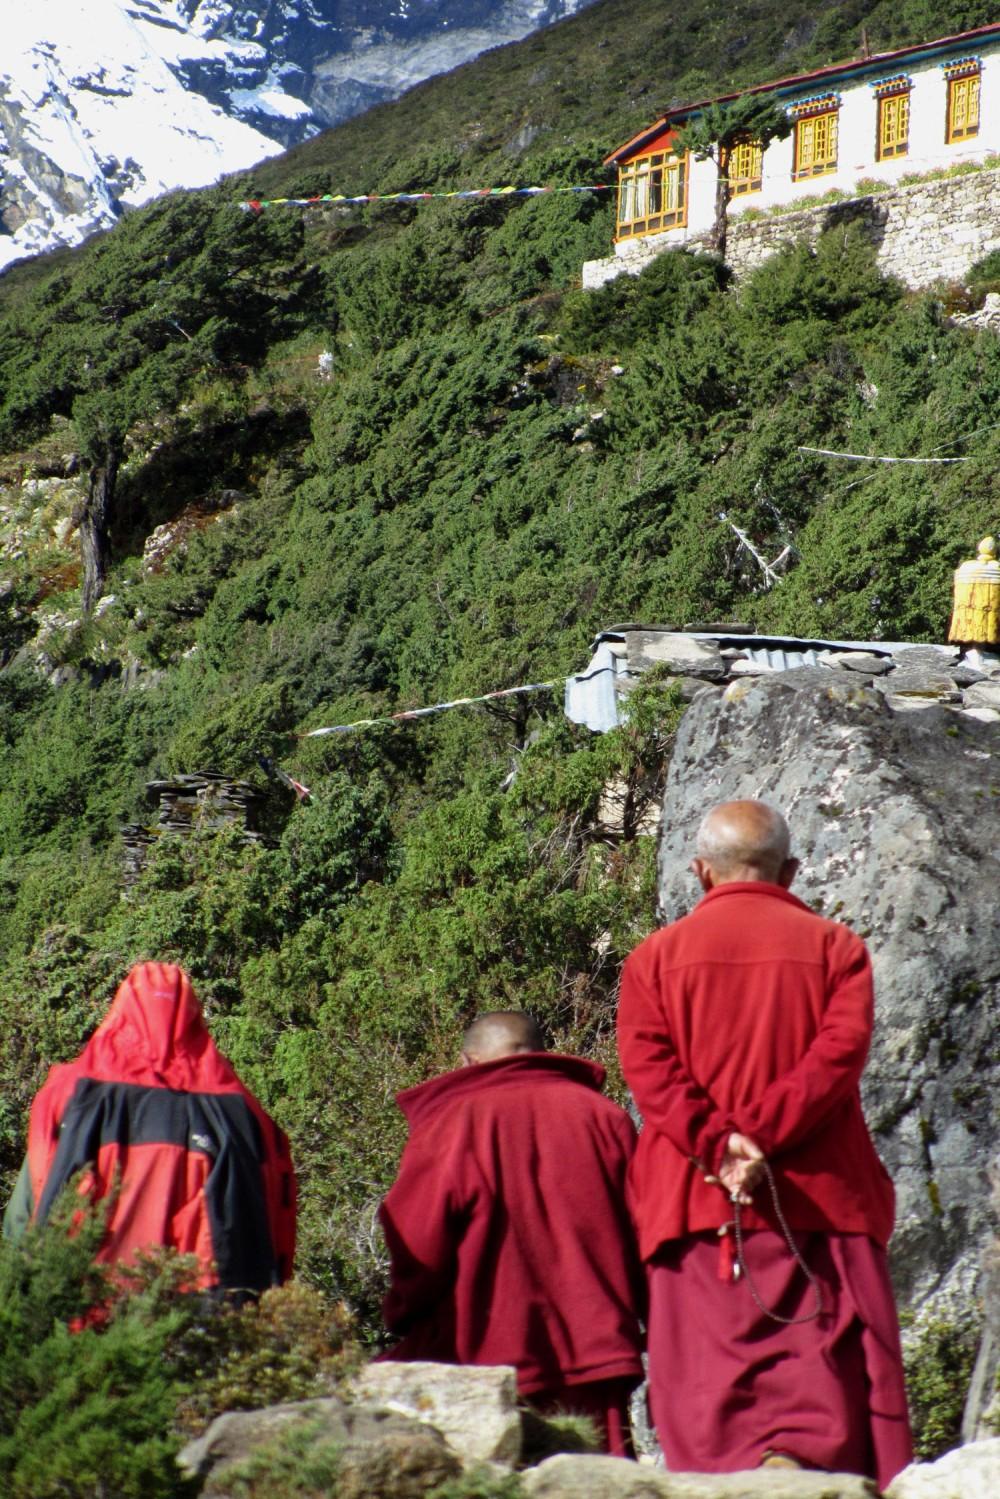 Nepal-Everest-Region-Trek-Day-07-Thame-Monks